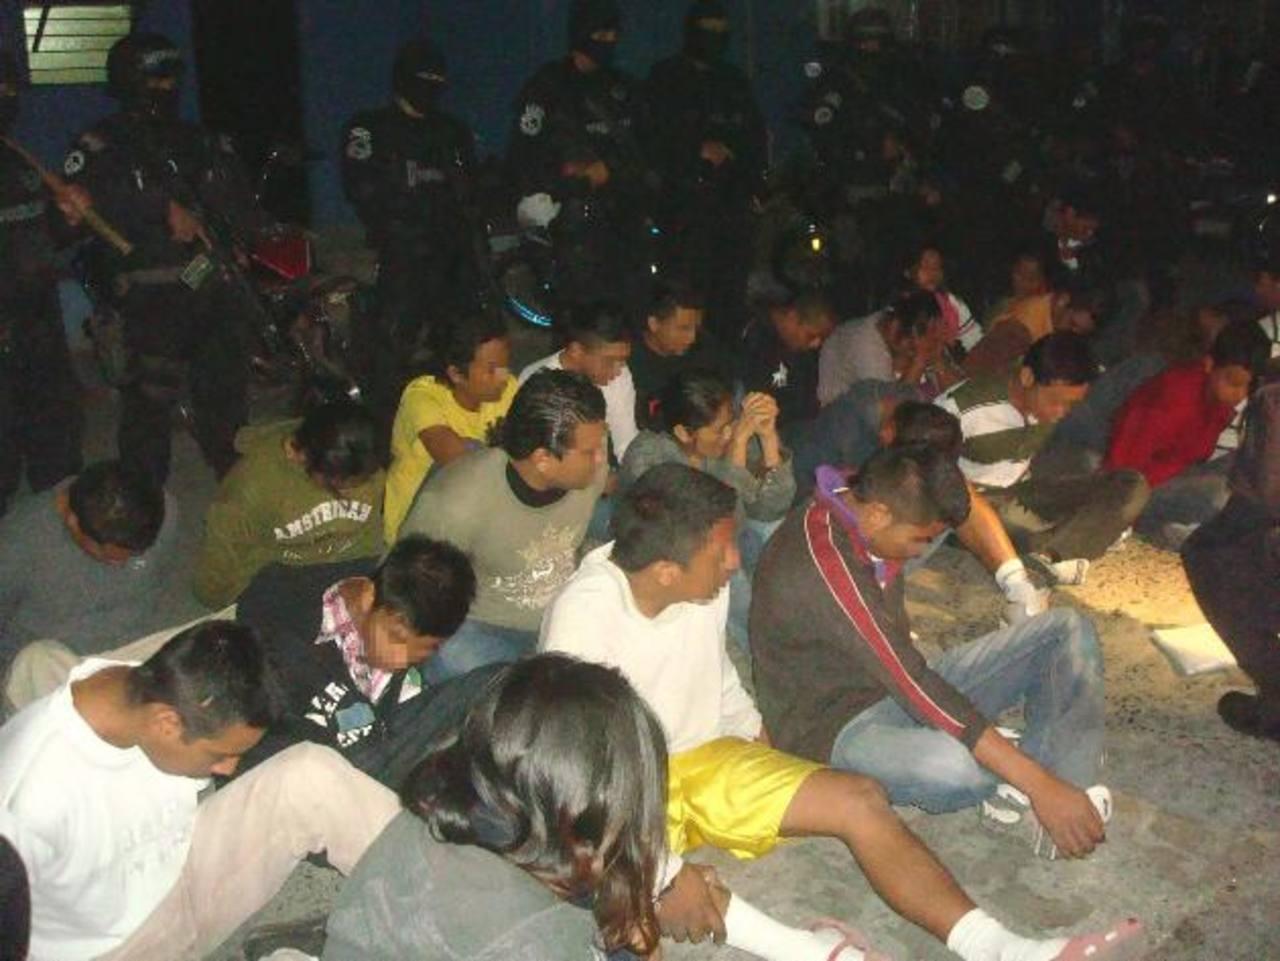 Los 48 imputados serán presentados en un Juzgado Especializado de San Salvador. Foto EDH